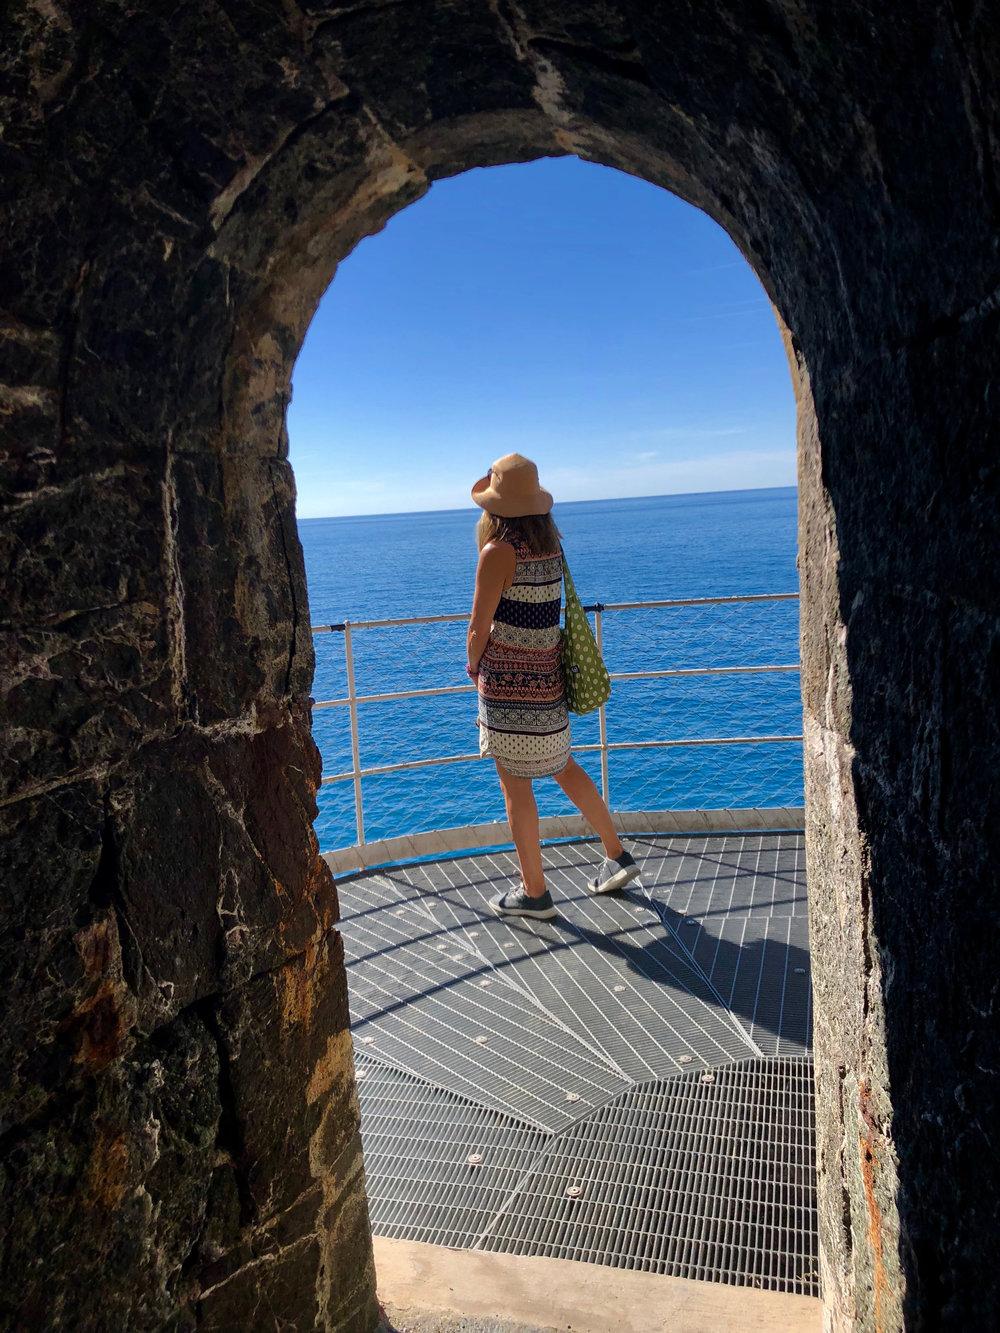 Jenny stops along the bike path to enjoy the views of the ligurian sea